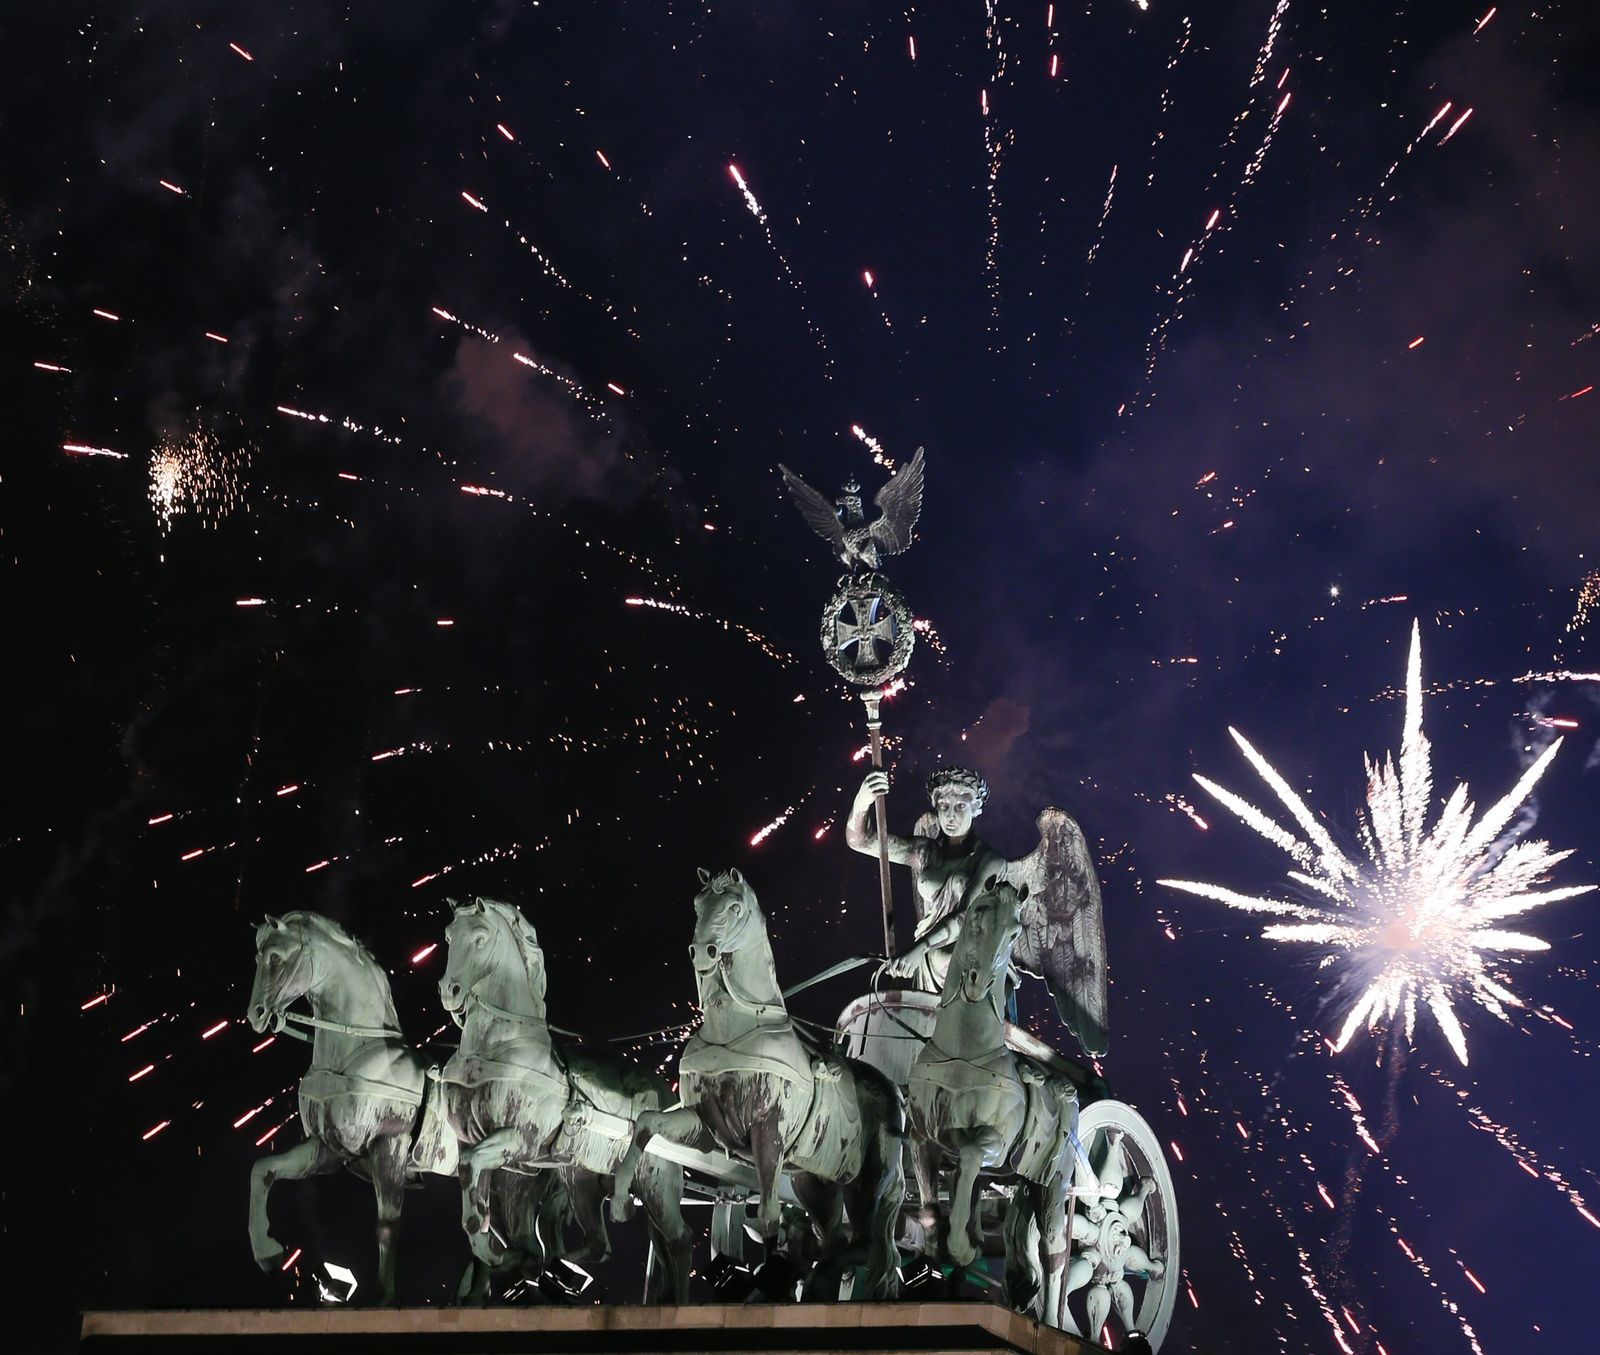 New year celebrations in Berlin